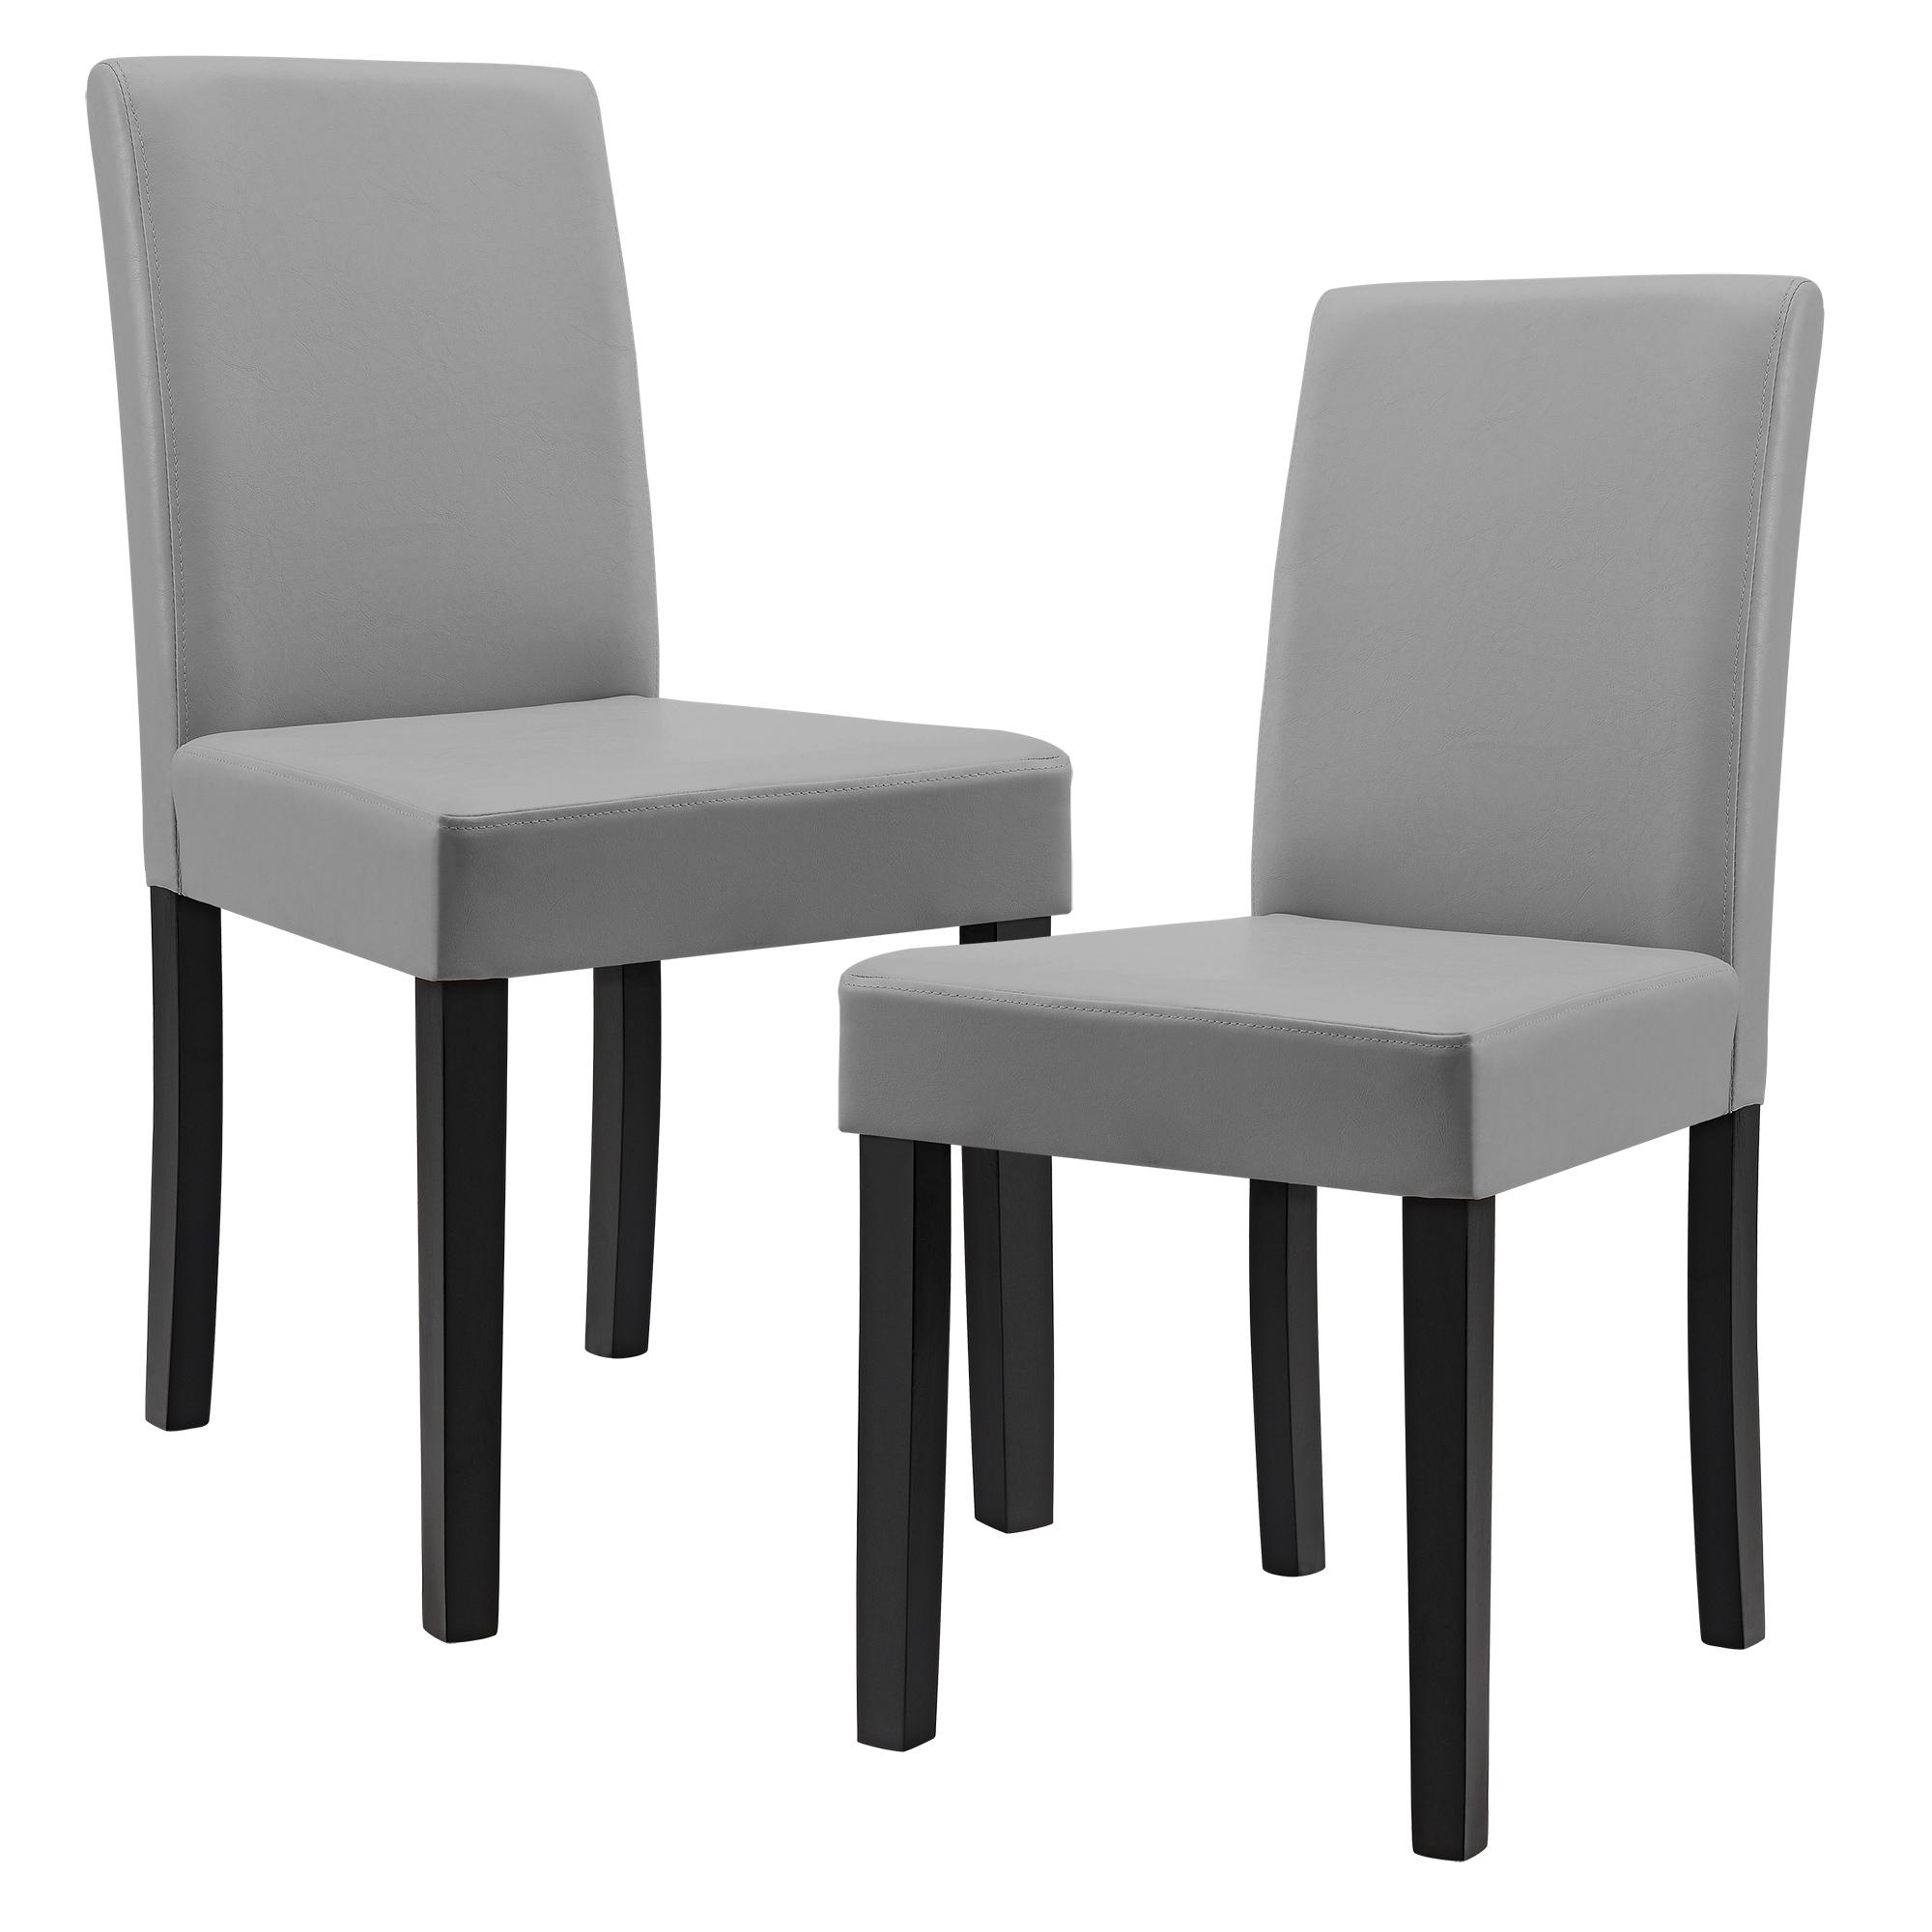 6x chaises dossier haut salle manger gris clair for Chaise haut dossier salle a manger